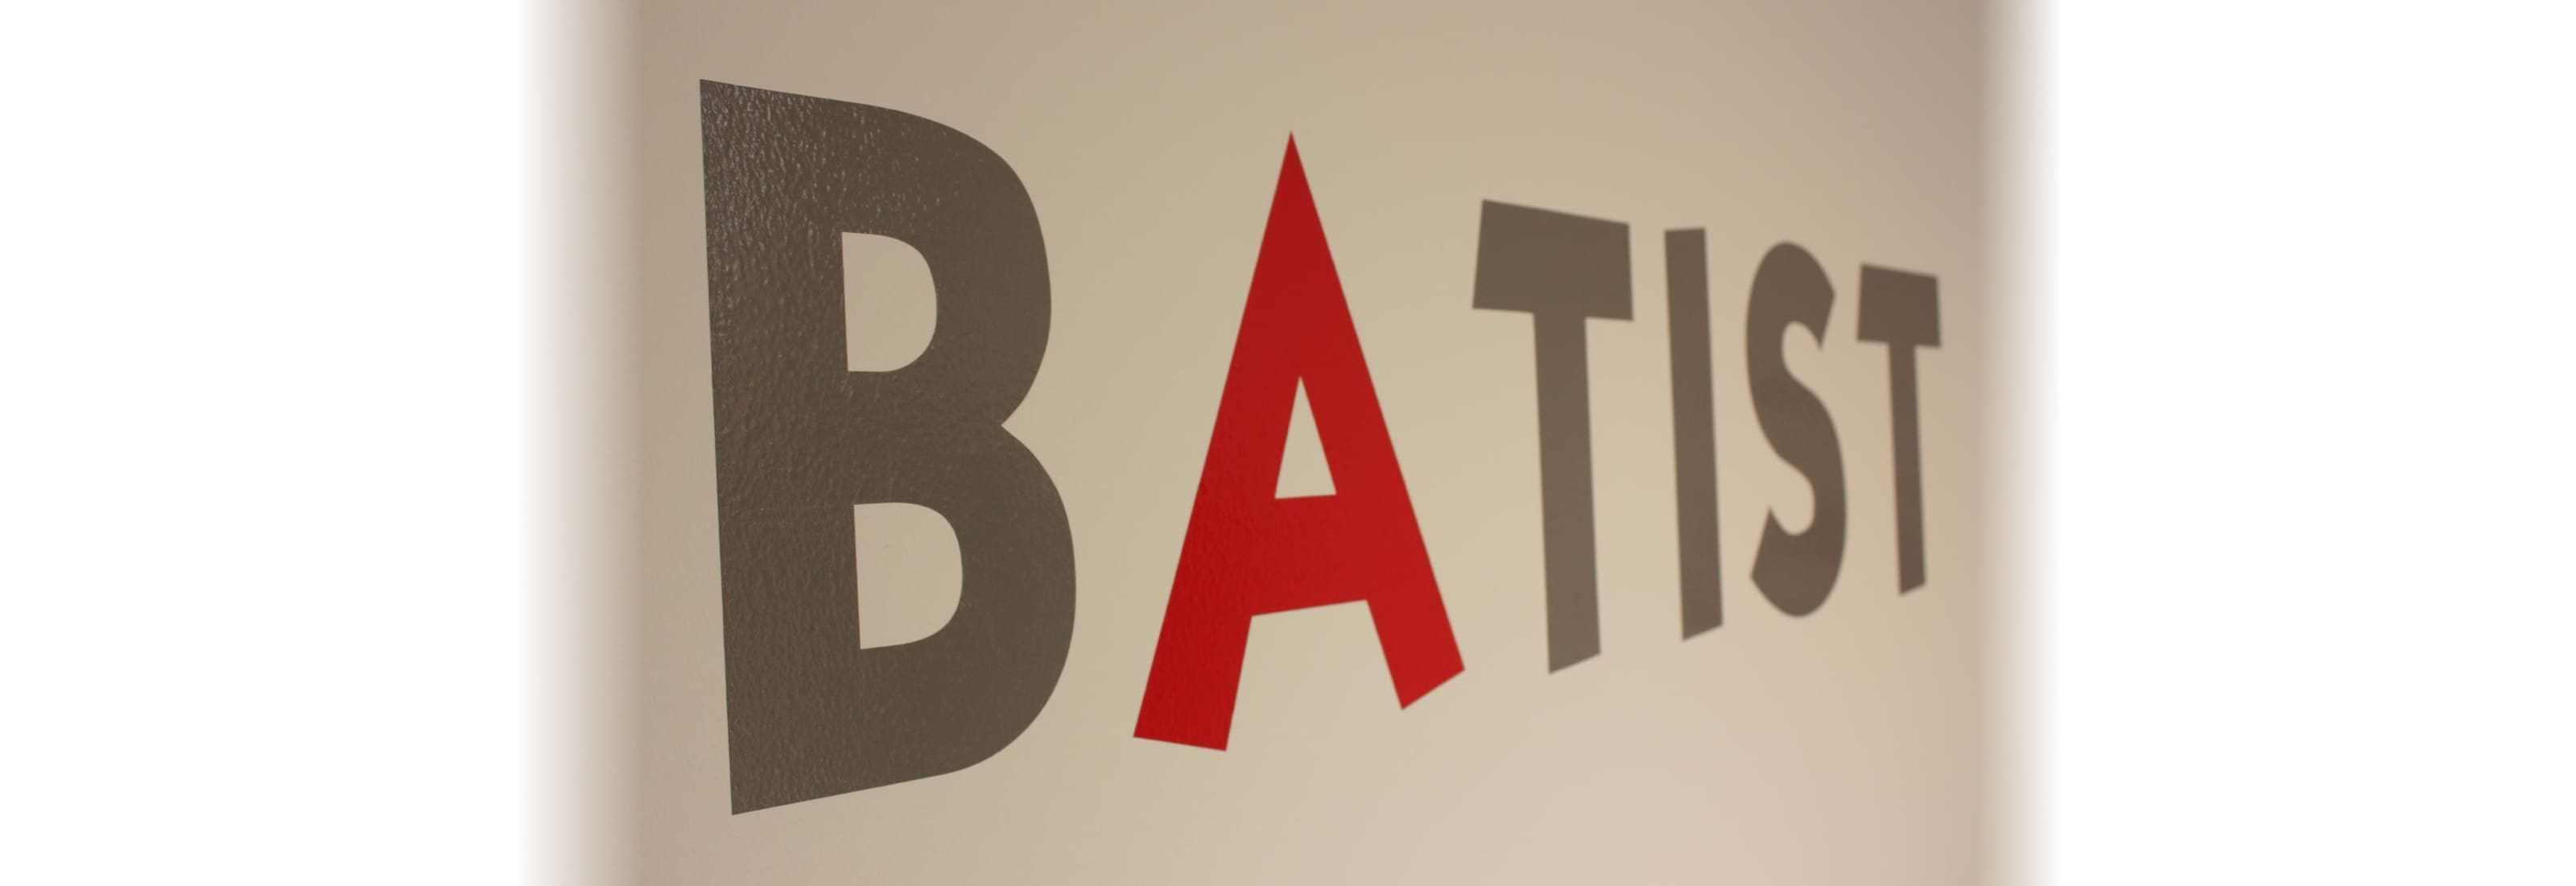 Batist Administratieve Dientsverlening BV - Administratiekantoor in Diemen